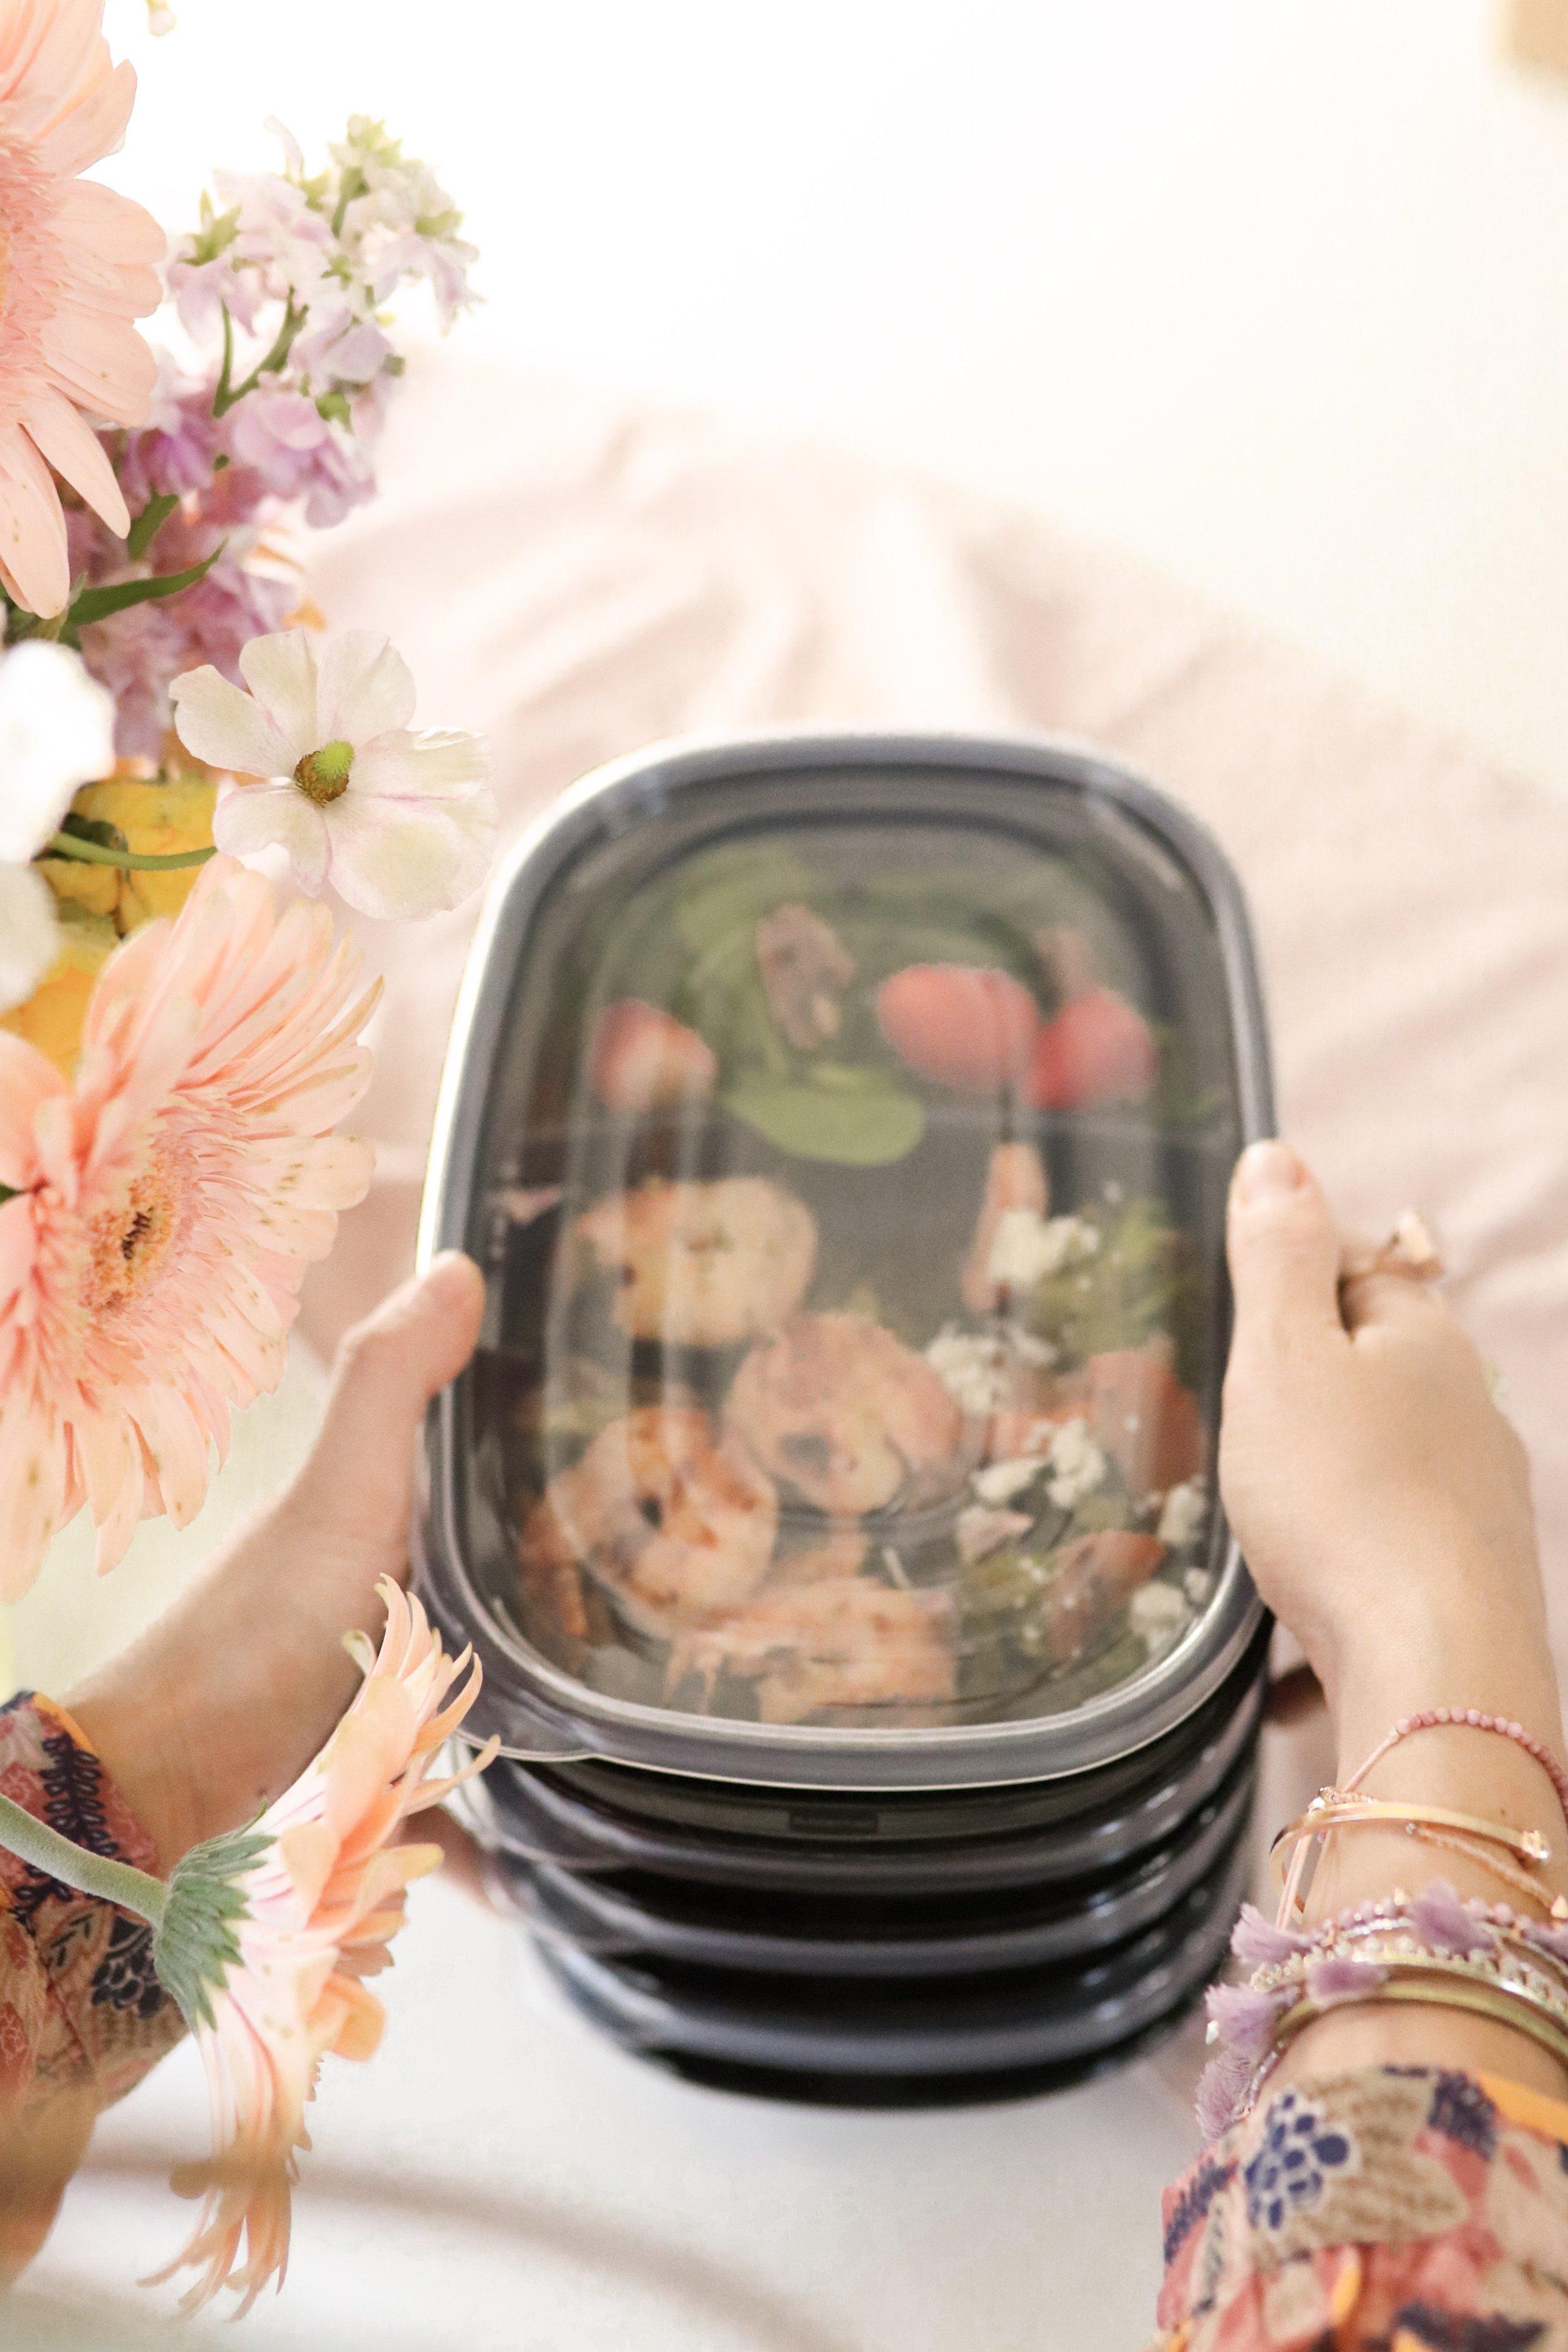 Joyfullygreen Rubbermaid Meal Prep Grilled Shrimp Clean Eating Recipe-09.jpg